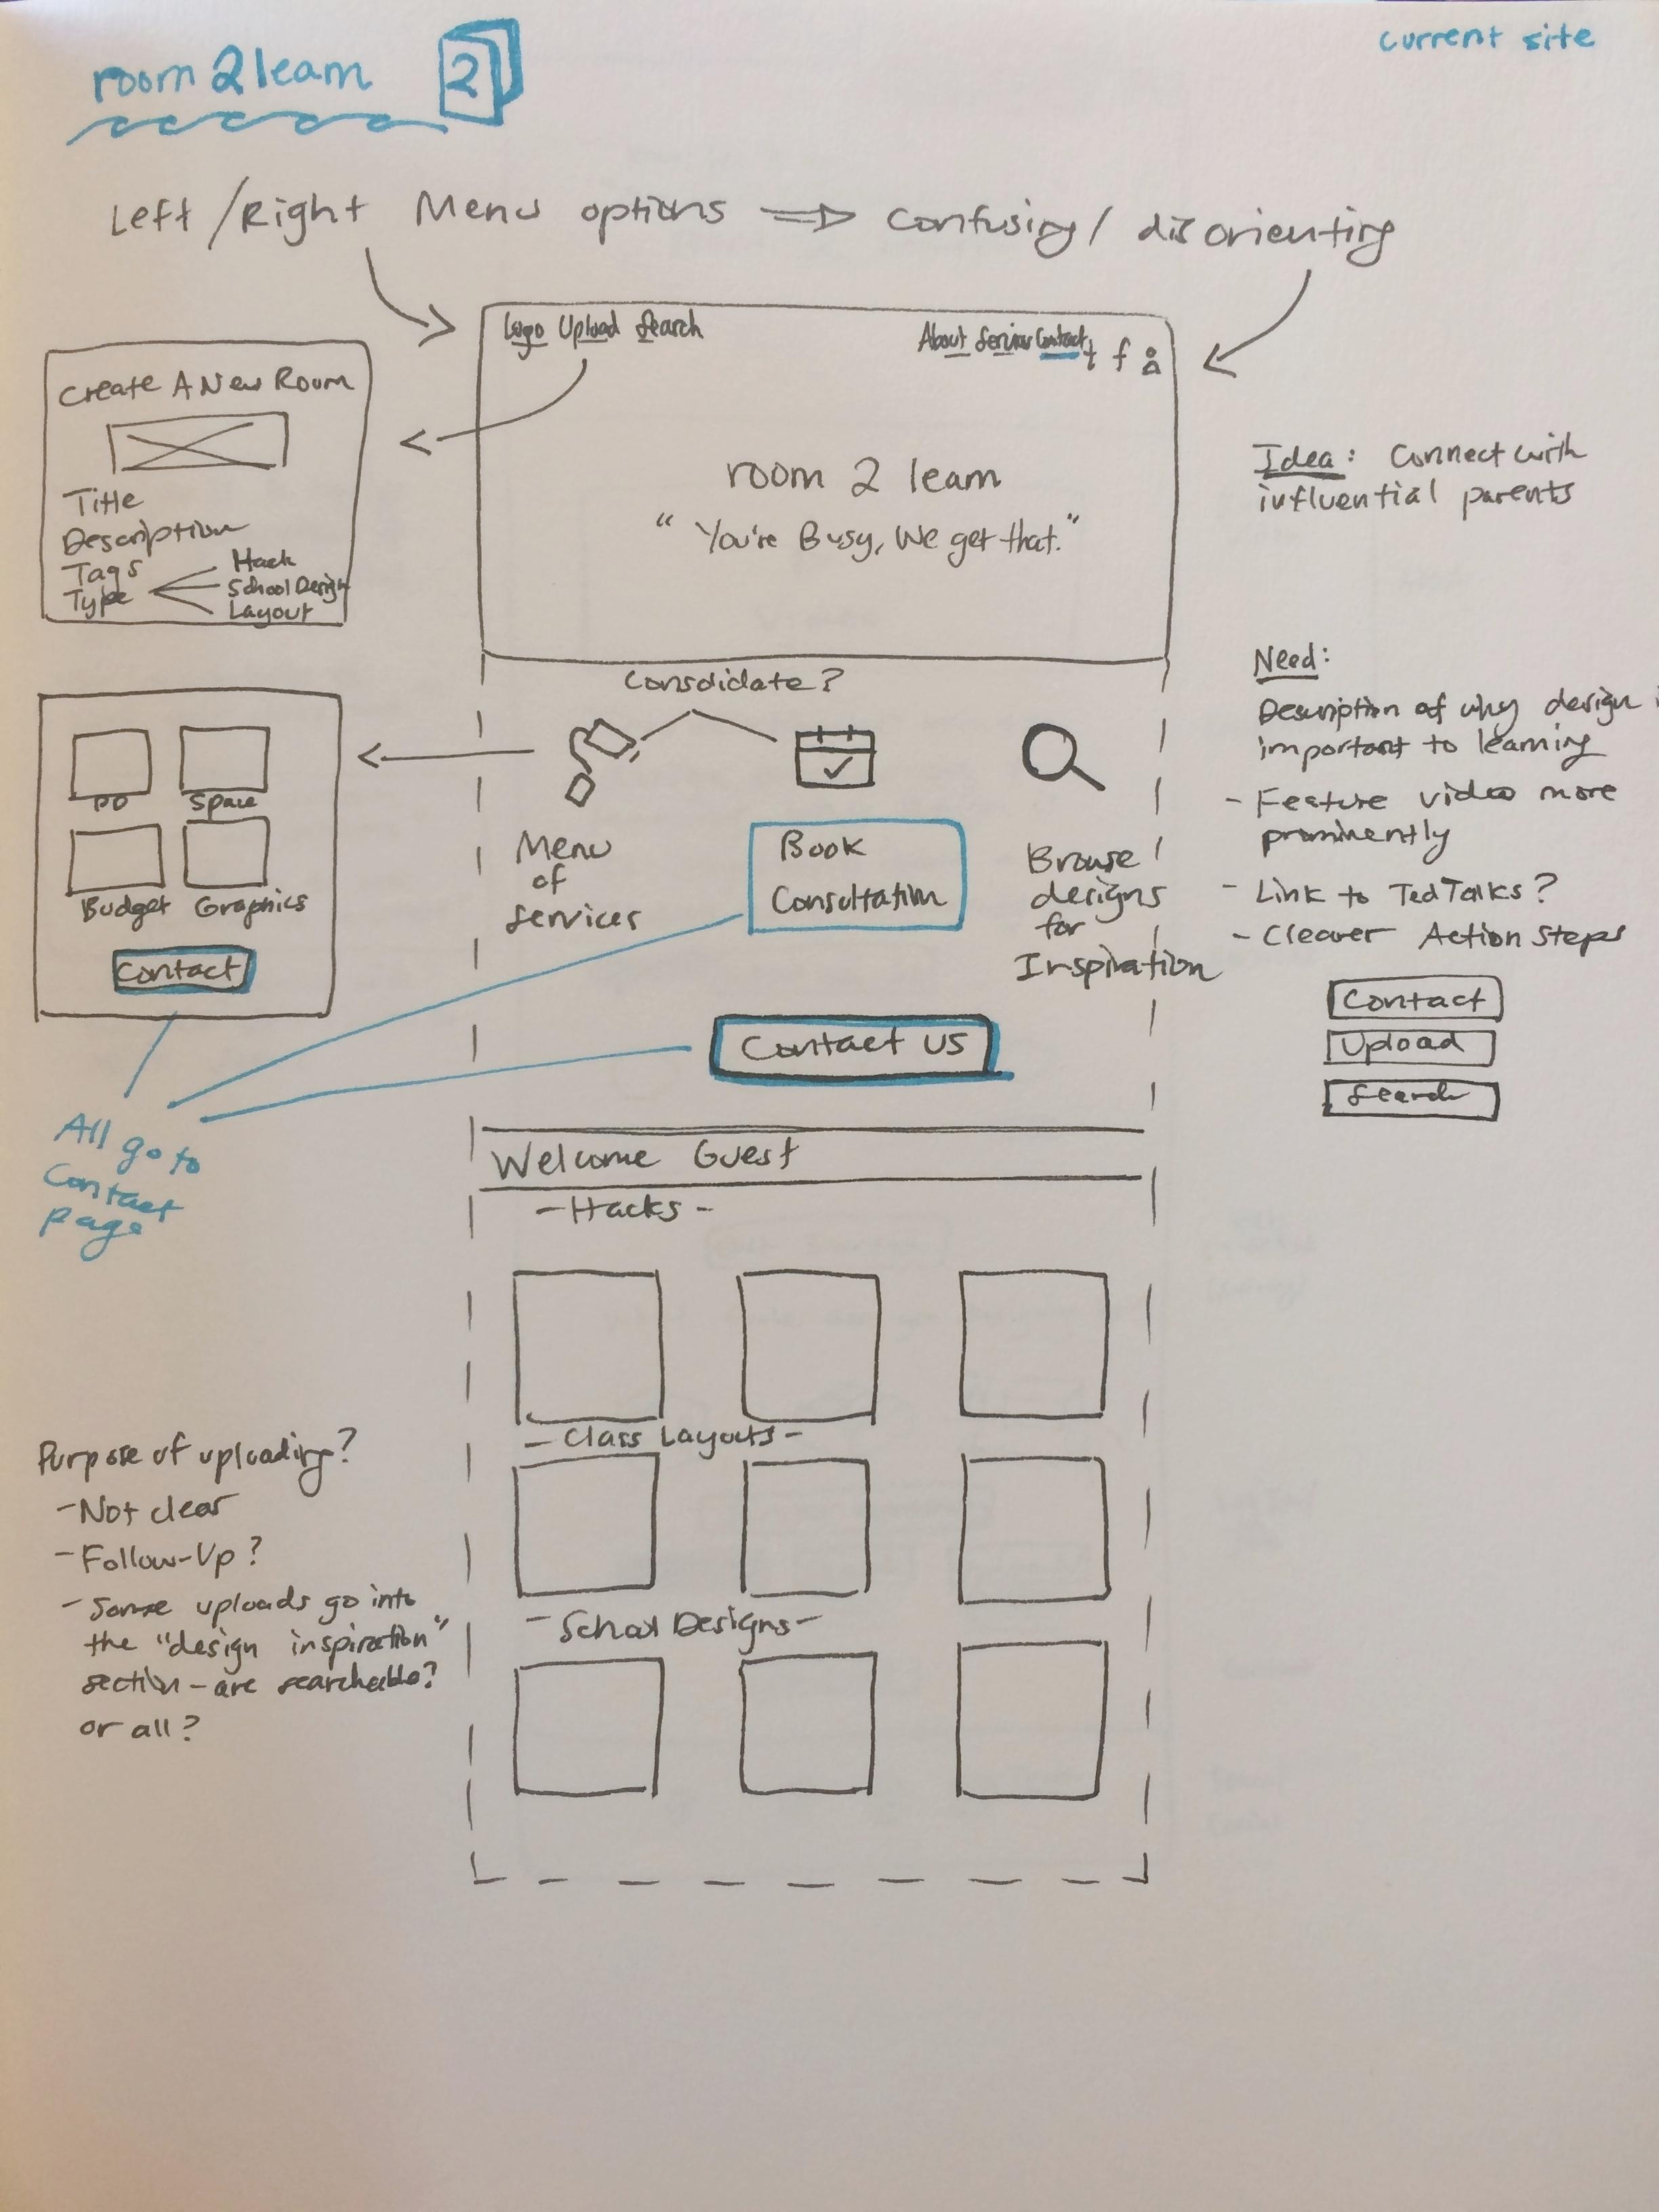 1. Original web analysis